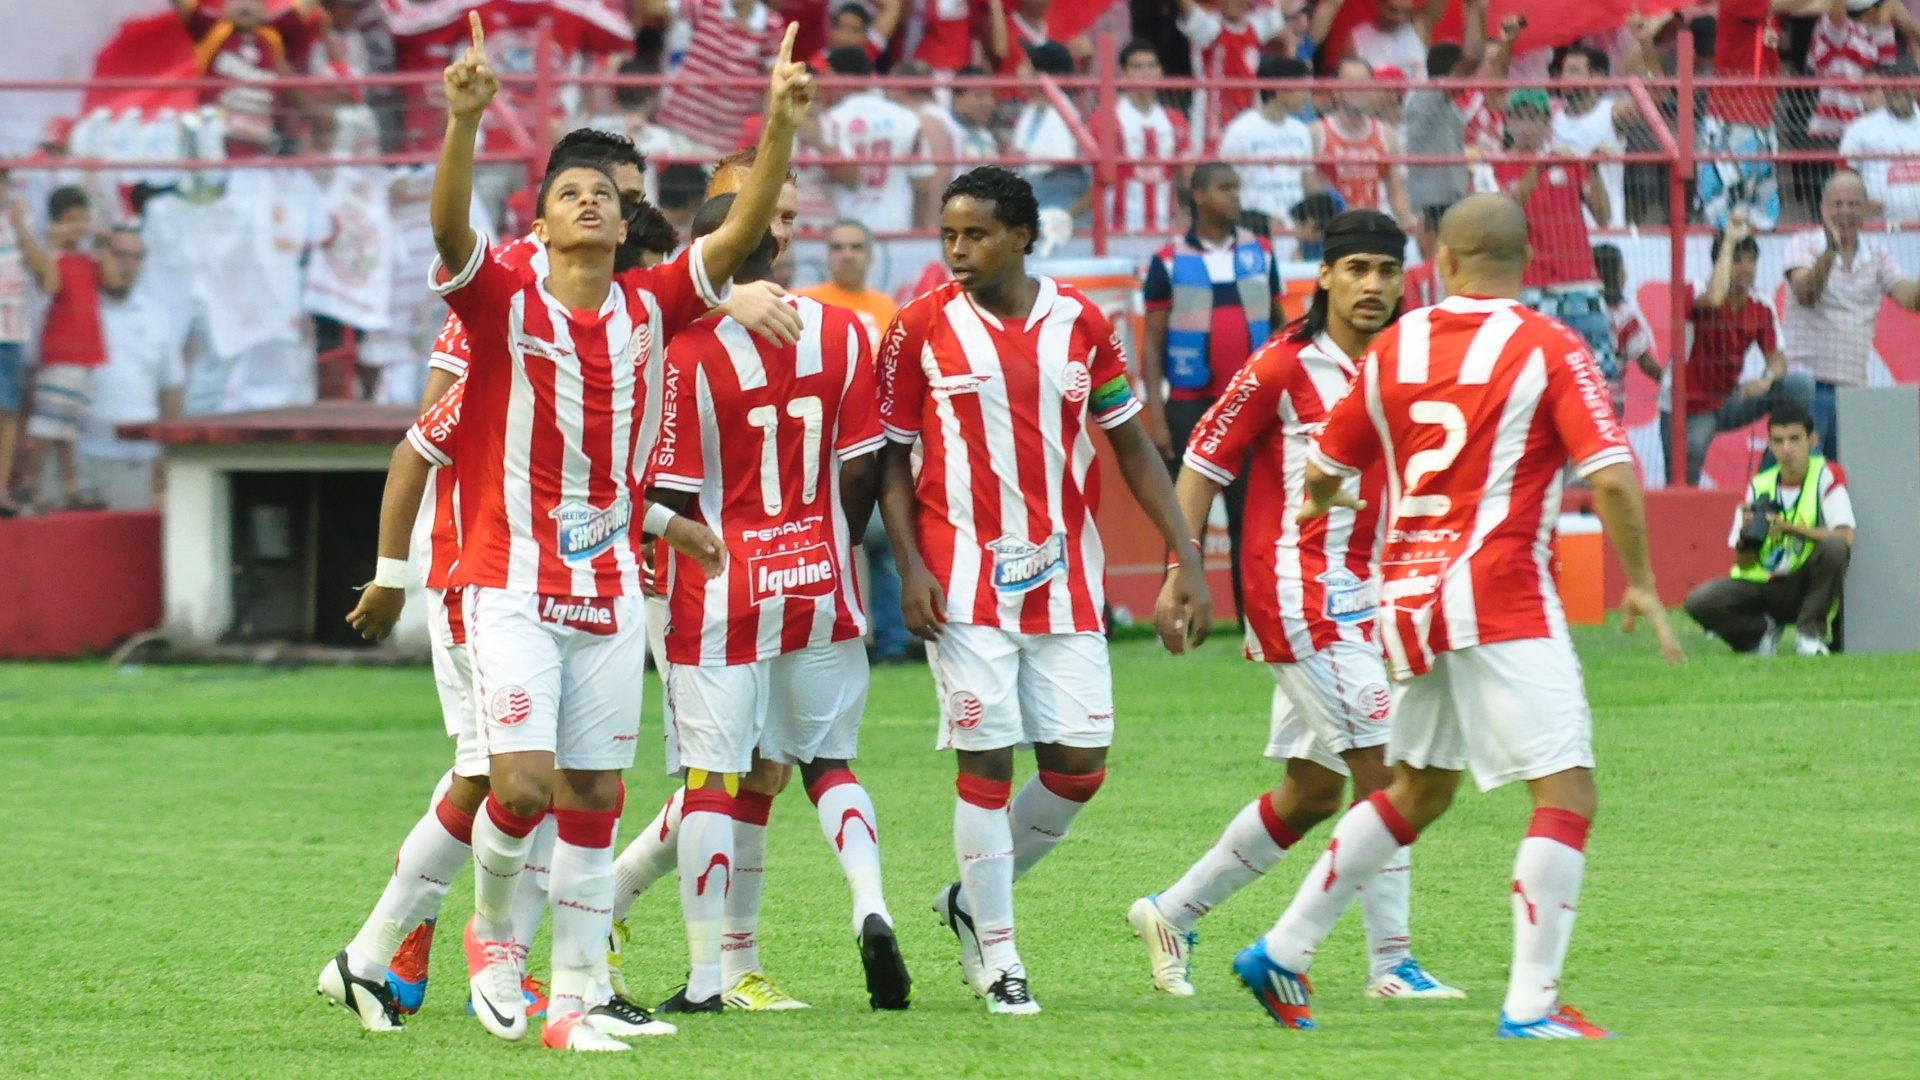 Jogadores do Náutico comemoram gol de Souza na vitória sobre o Atlético-MG nos Aflitos